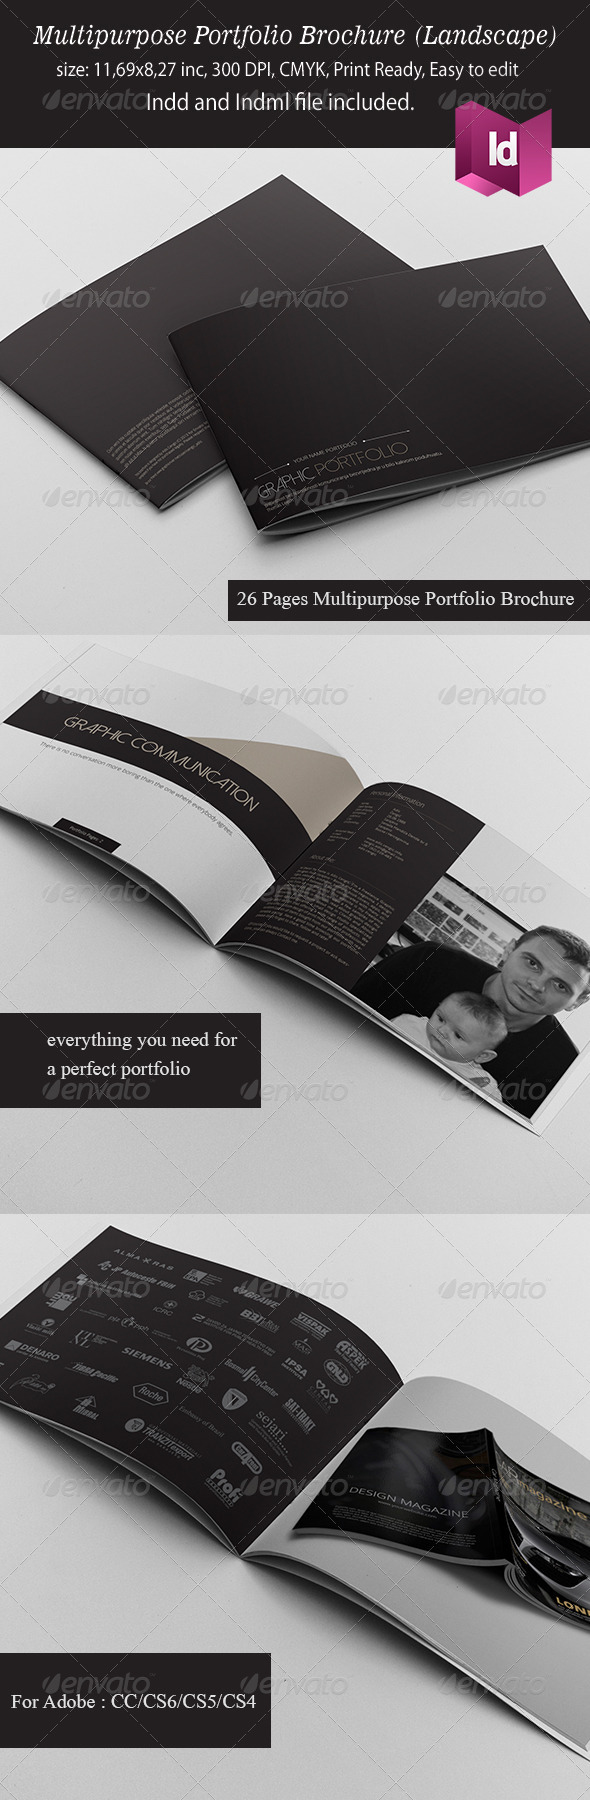 GraphicRiver Multipurpose Portfolio Brochure Landscape Version 6241914